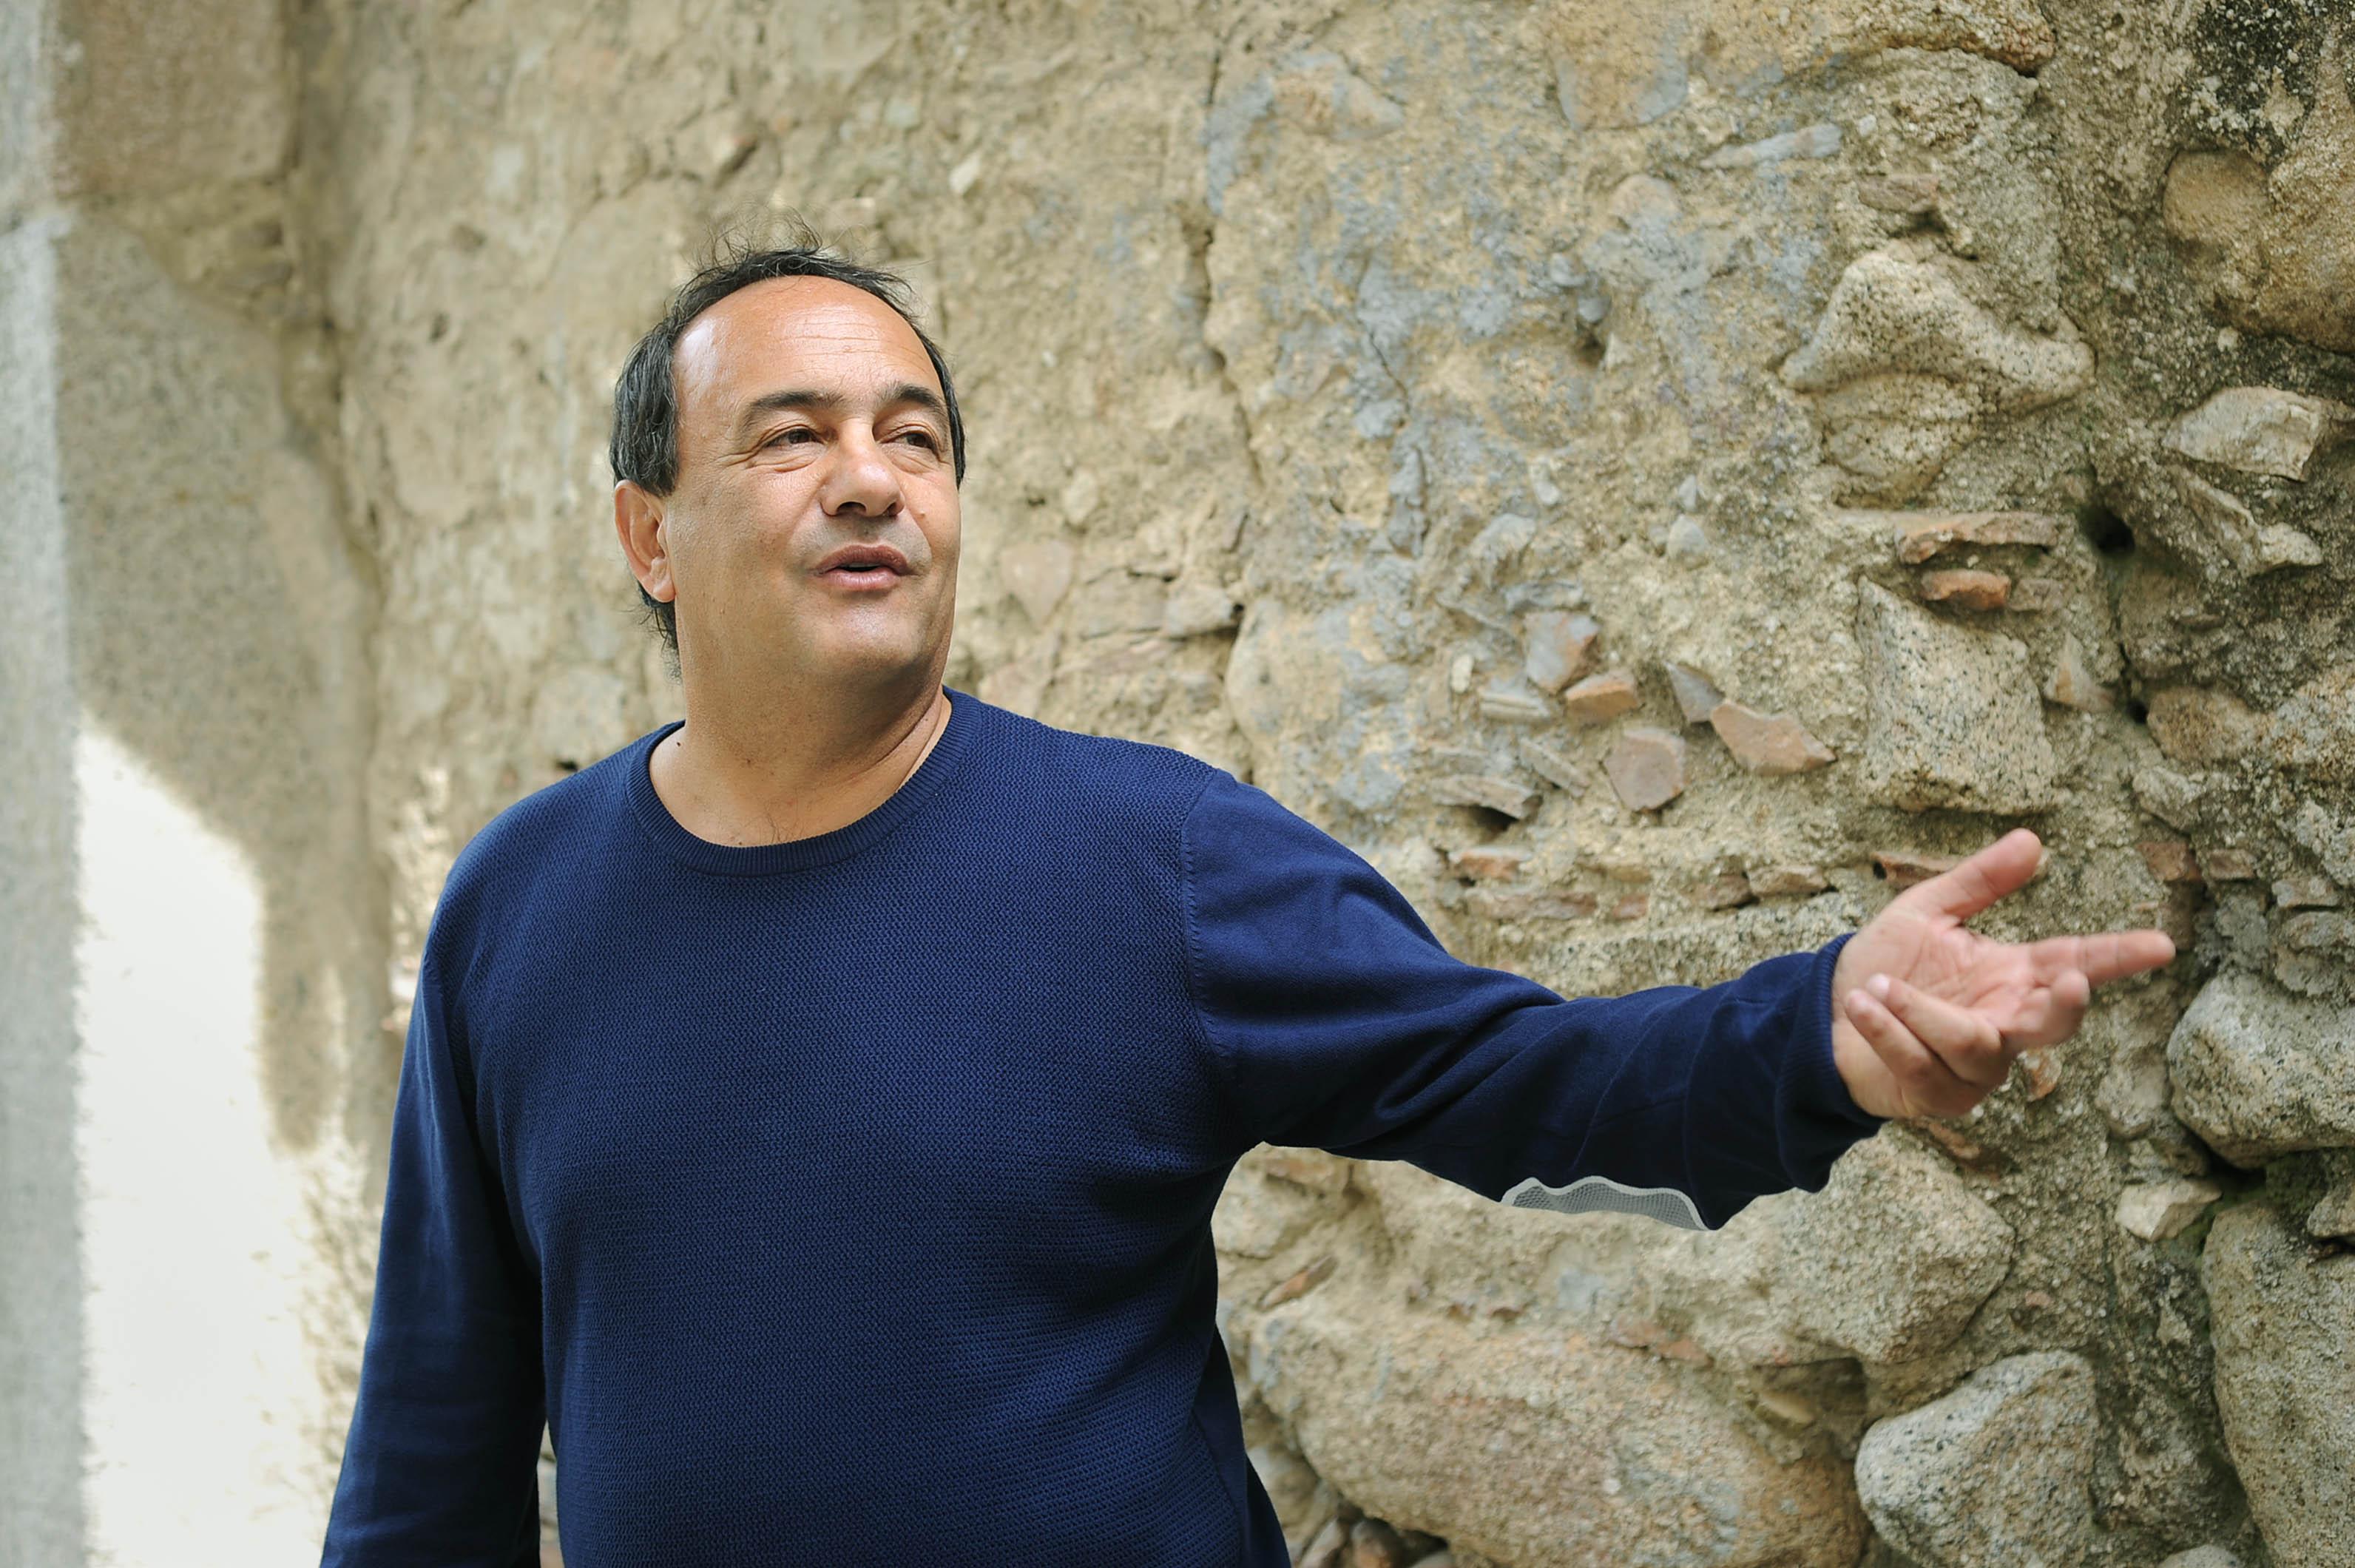 Terremoto a Riace, arrestato il sindaco Lucanoper favoreggiamento dell'immigrazione clandestinaSalvini: «Chissà cosa diranno adesso Saviano e i buonisti»